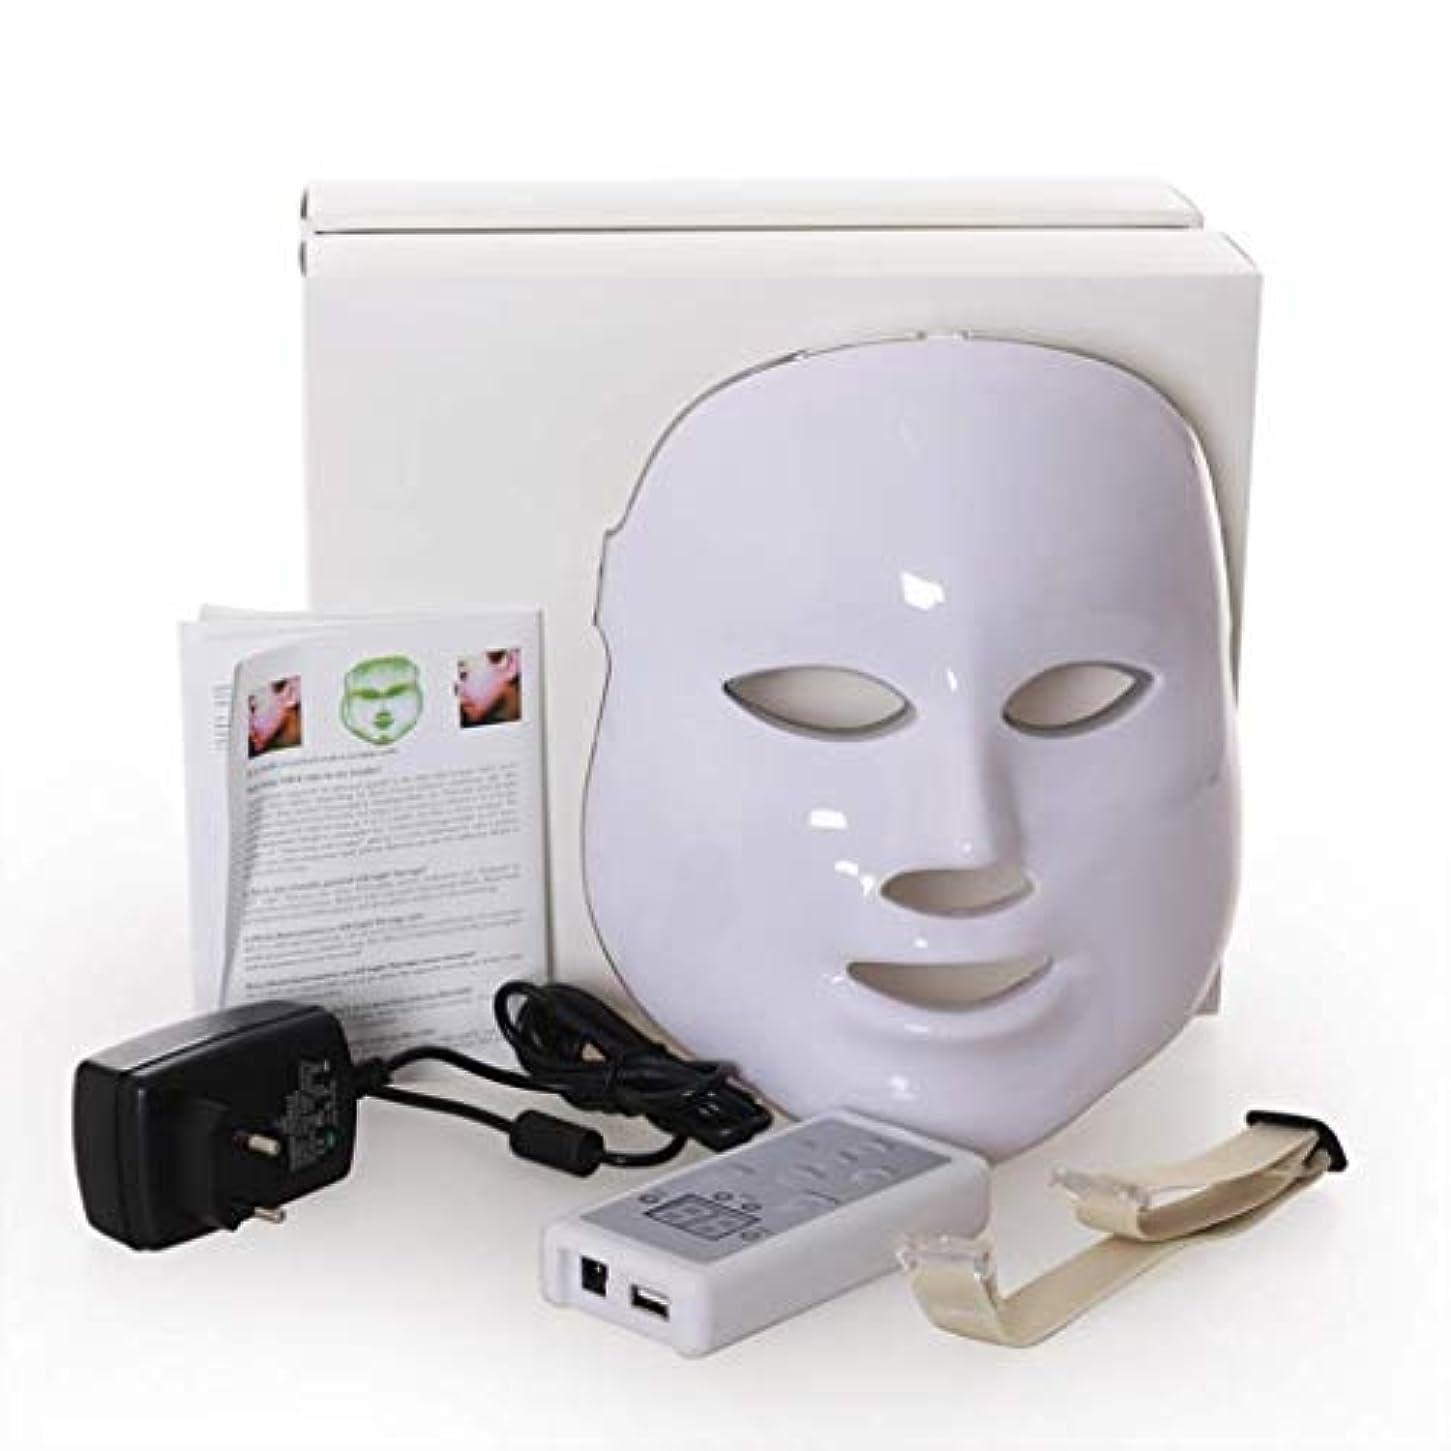 軽くリア王叱るフェイシャルビューティーインストルメント、7色LED光線療法フェイシャルスキンマスク、しわ、ニキビ、シミ、肌の若返りコラーゲン、アンチエイジングビューティーマスクを減らす